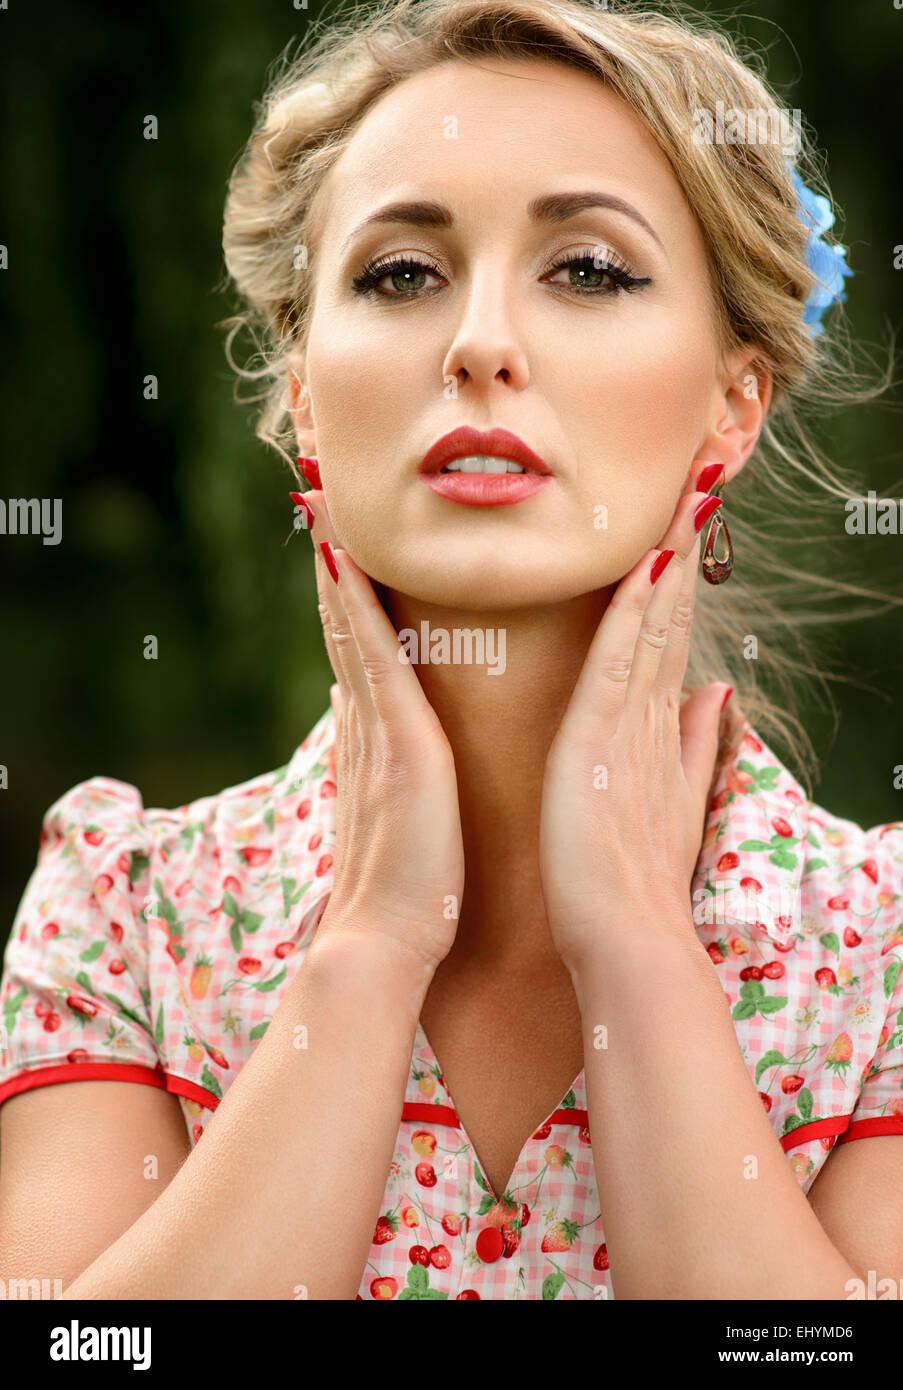 Retrato de una mujer adulta media sosteniendo sus manos a su cara Imagen De Stock